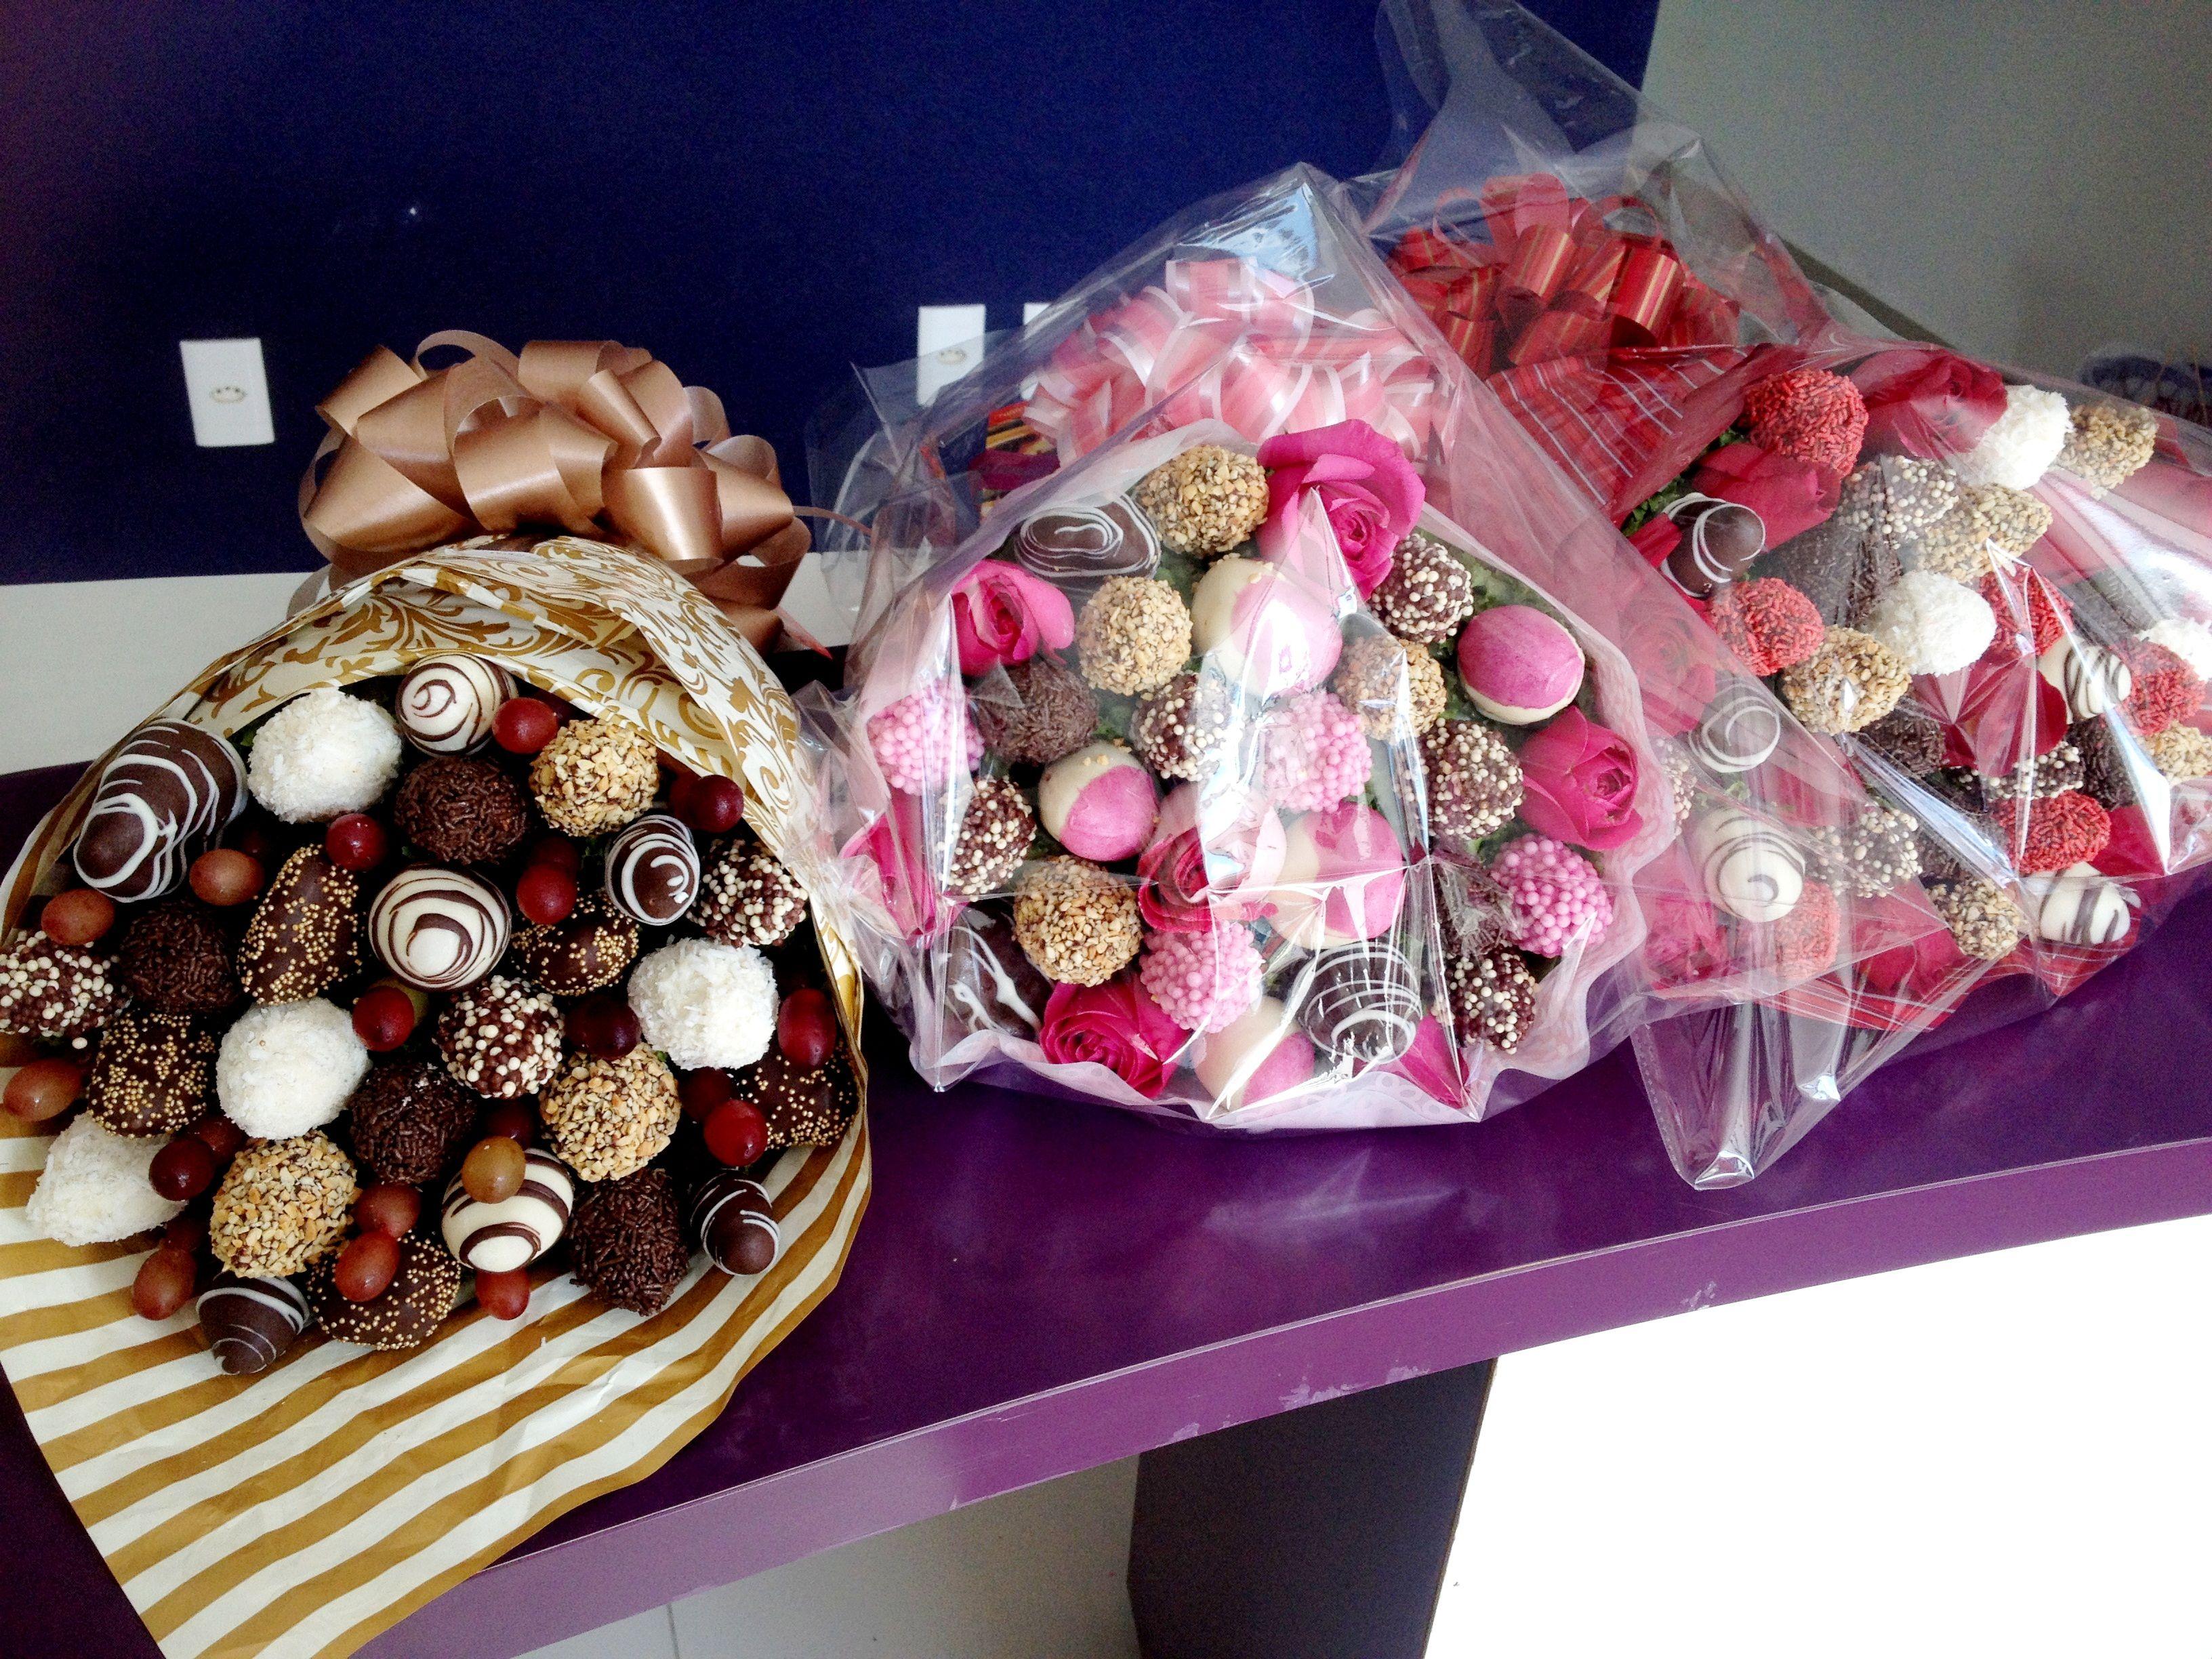 Для любимого, прикольные подарки картинки с конфеты печенье бутылочки палочки вафли